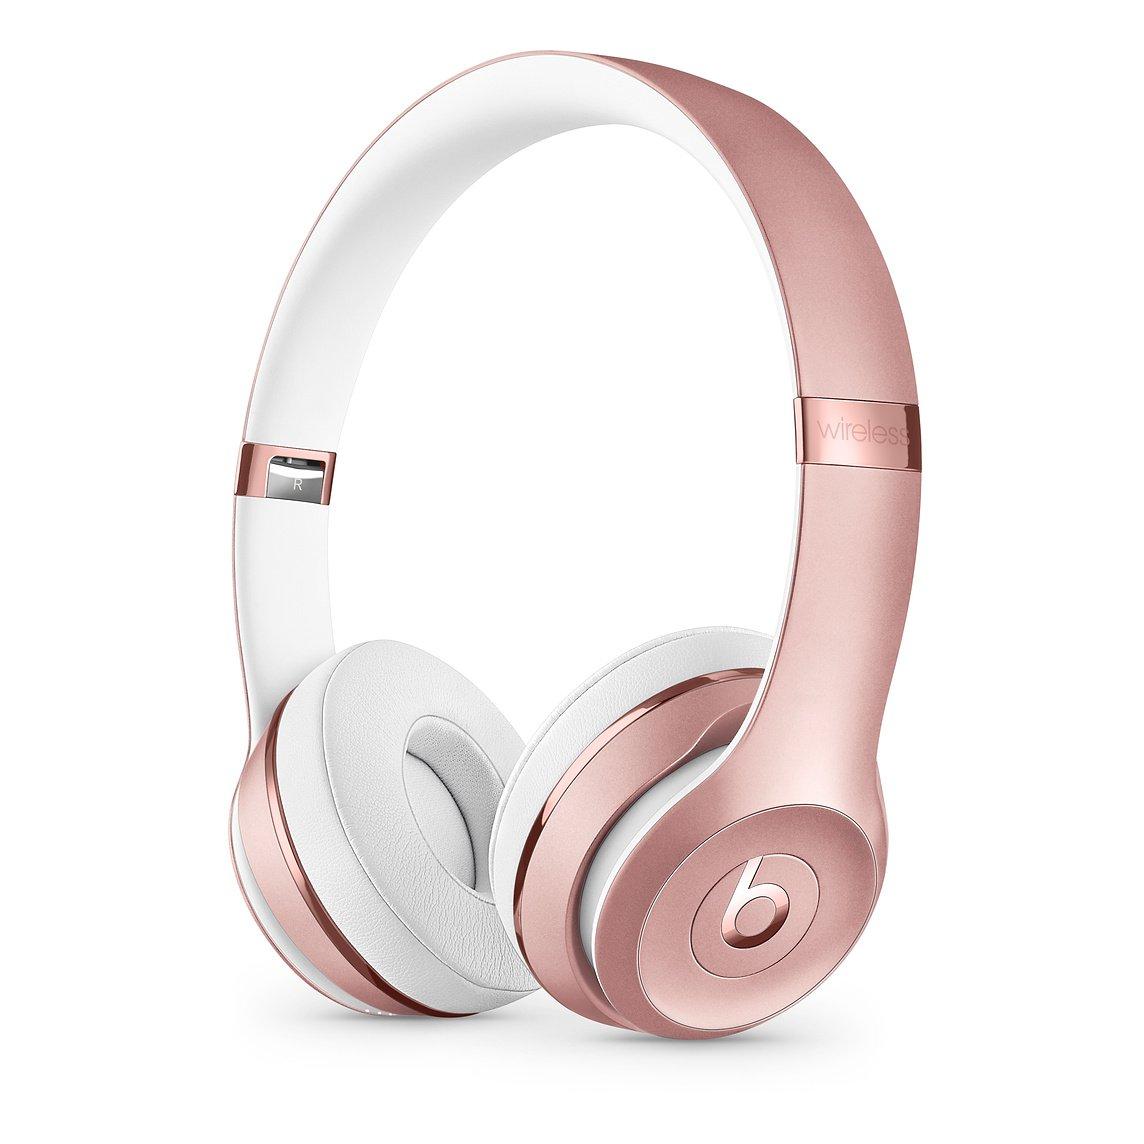 Beats Solo3 Wireless On-Ear Headphones – Rose Gold - Apple (UK)